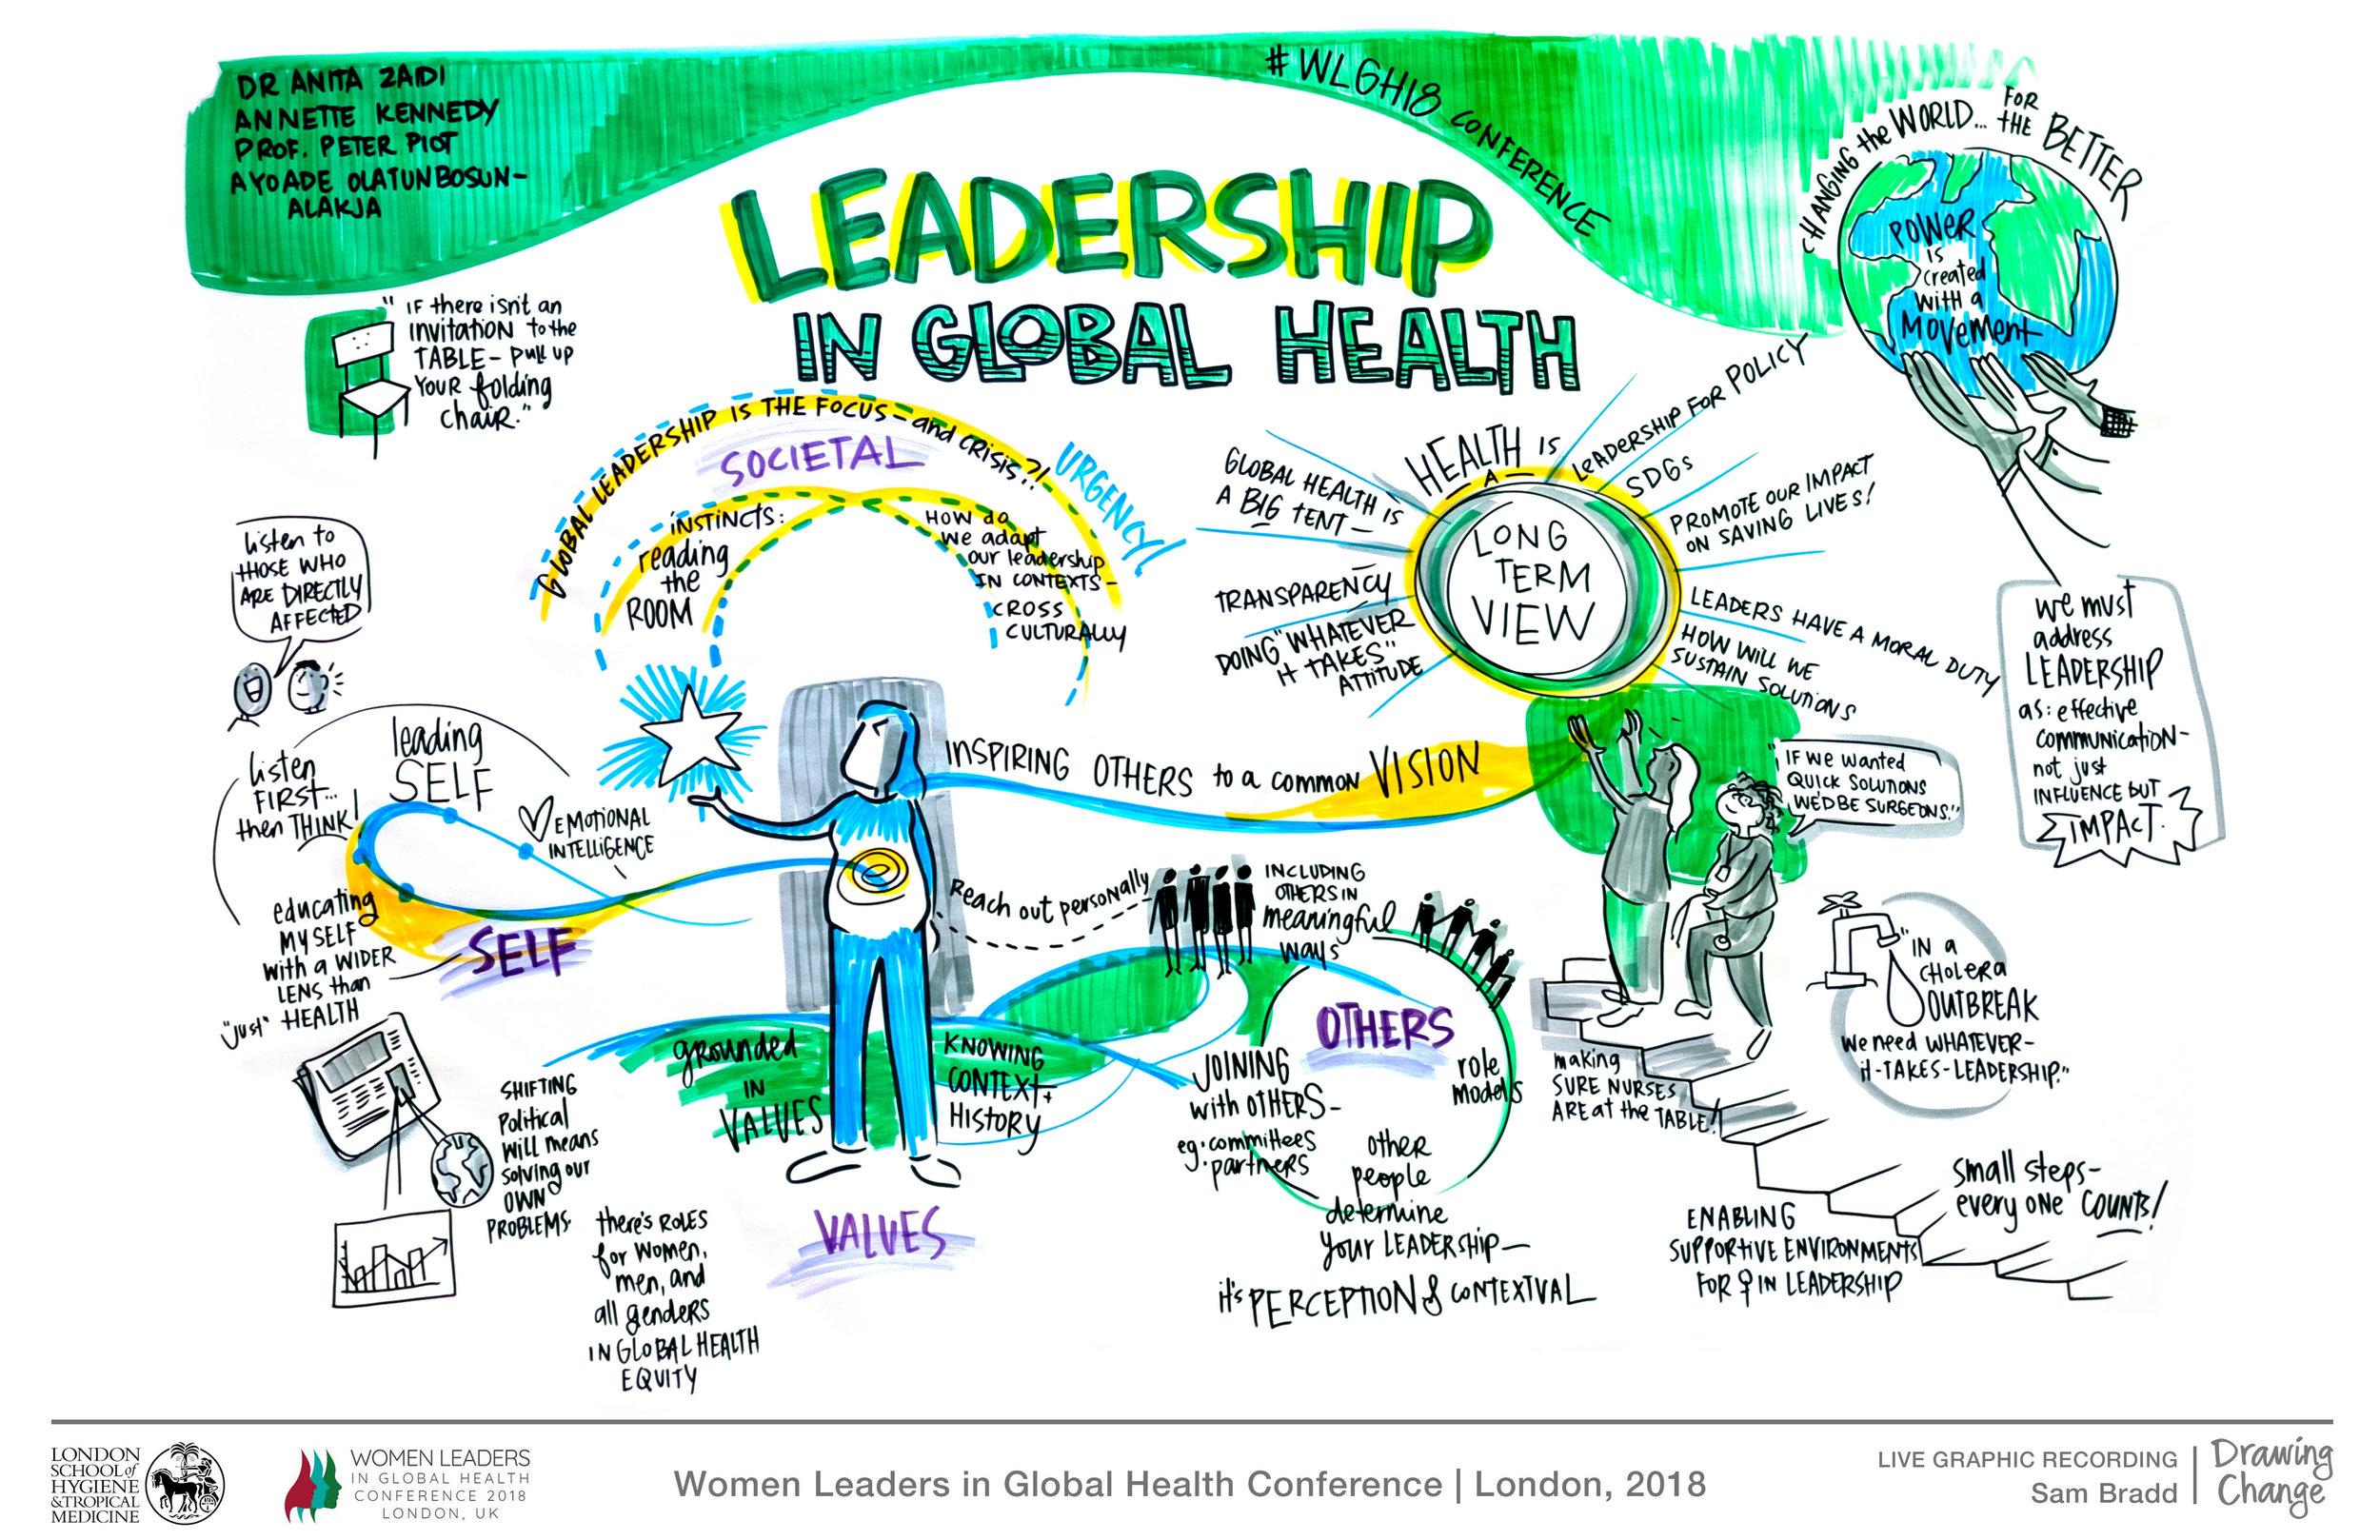 LSHTM_LeadershipGlobalHealth_WEB.jpg